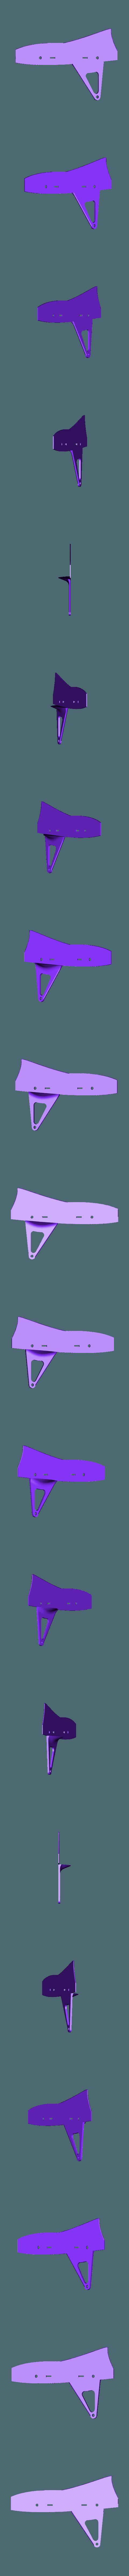 patin_roulette_1.STL Download free STL file Parrot Disco - Landing gear • Object to 3D print, larcenn